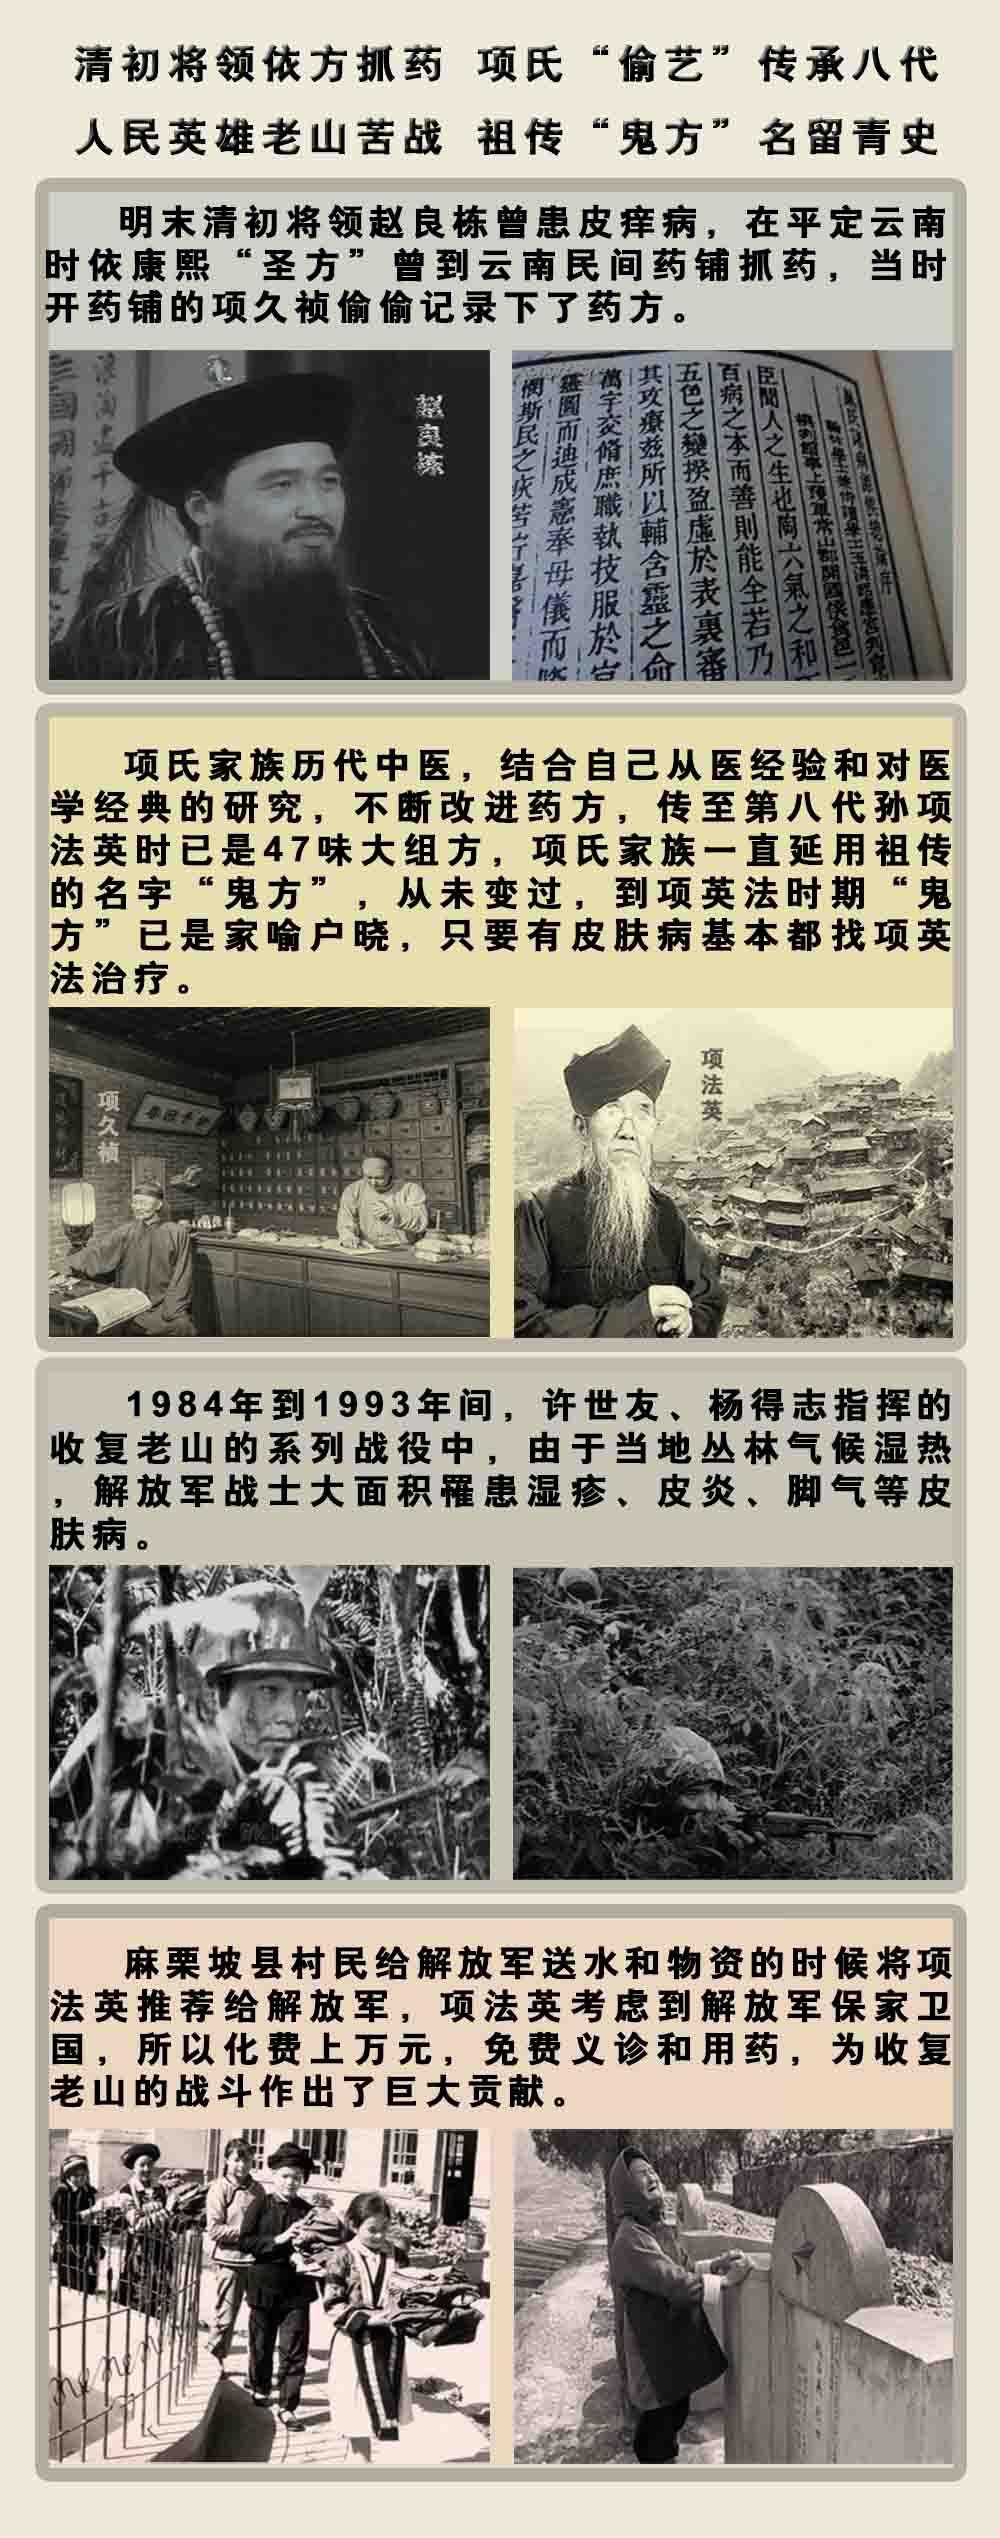 香港本草斋(本草斋®) 鬼臼王草本乳膏(鬼臼王®)品牌故事3